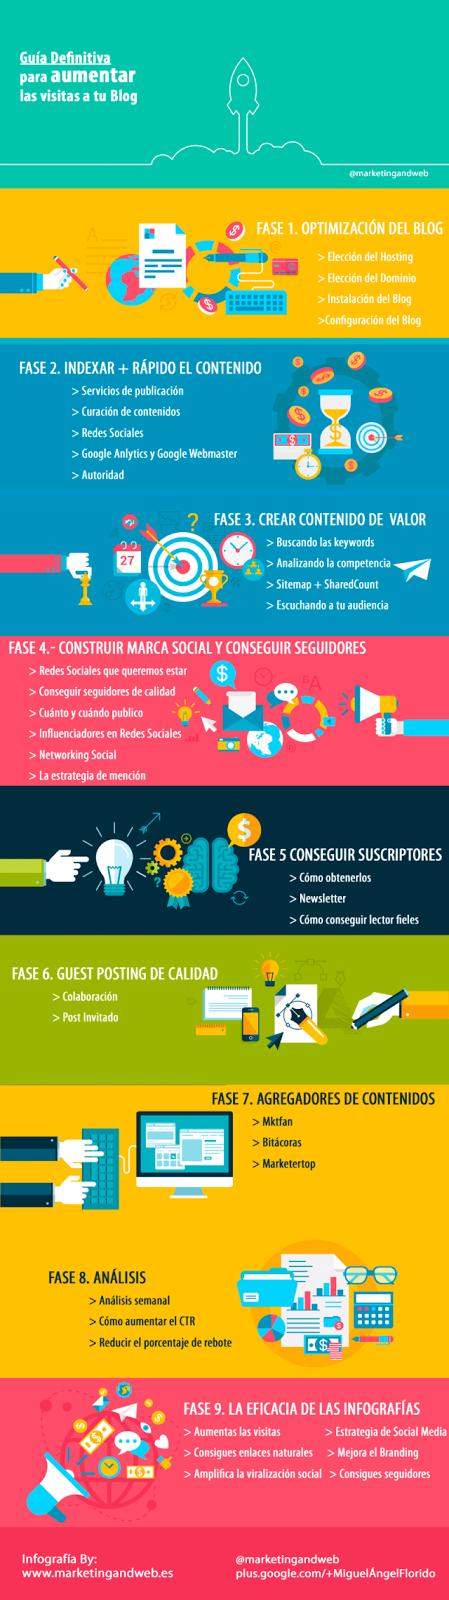 Infografía La Guía definitiva para aumentar las vistias a tu blog.